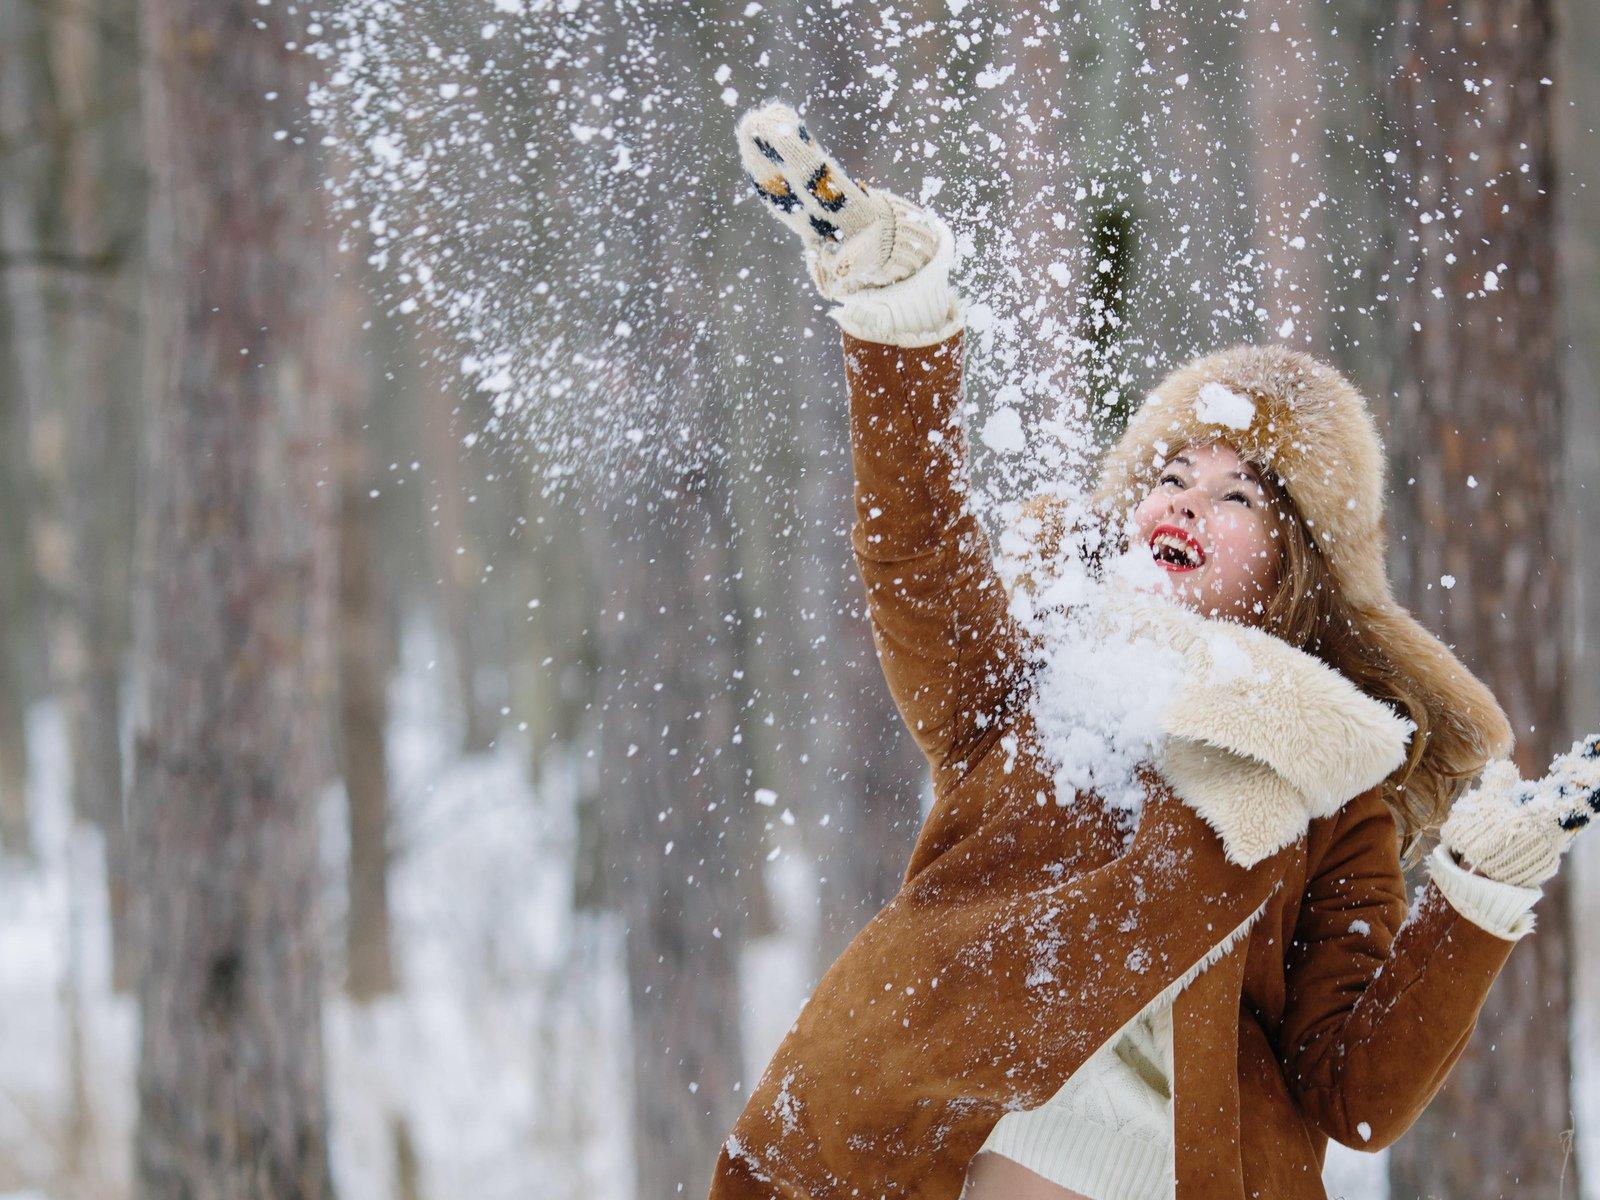 симпатичного новогодние картинки люди в снегу что, такие